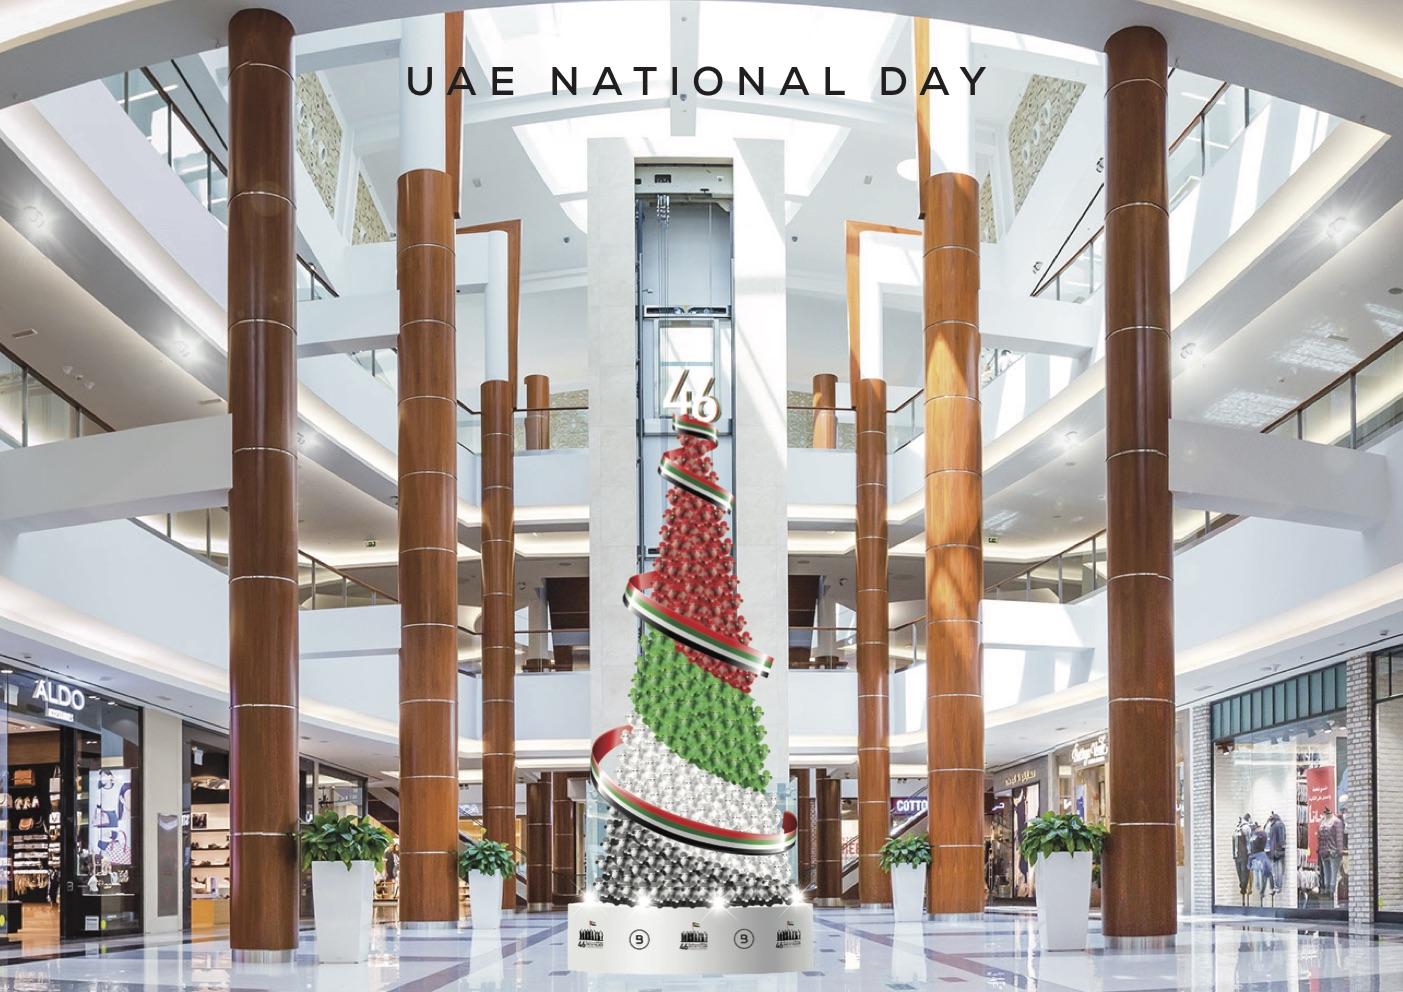 برجمان مول يحتفل بمناسبة اليوم الوطني الـــ46 للإمارات